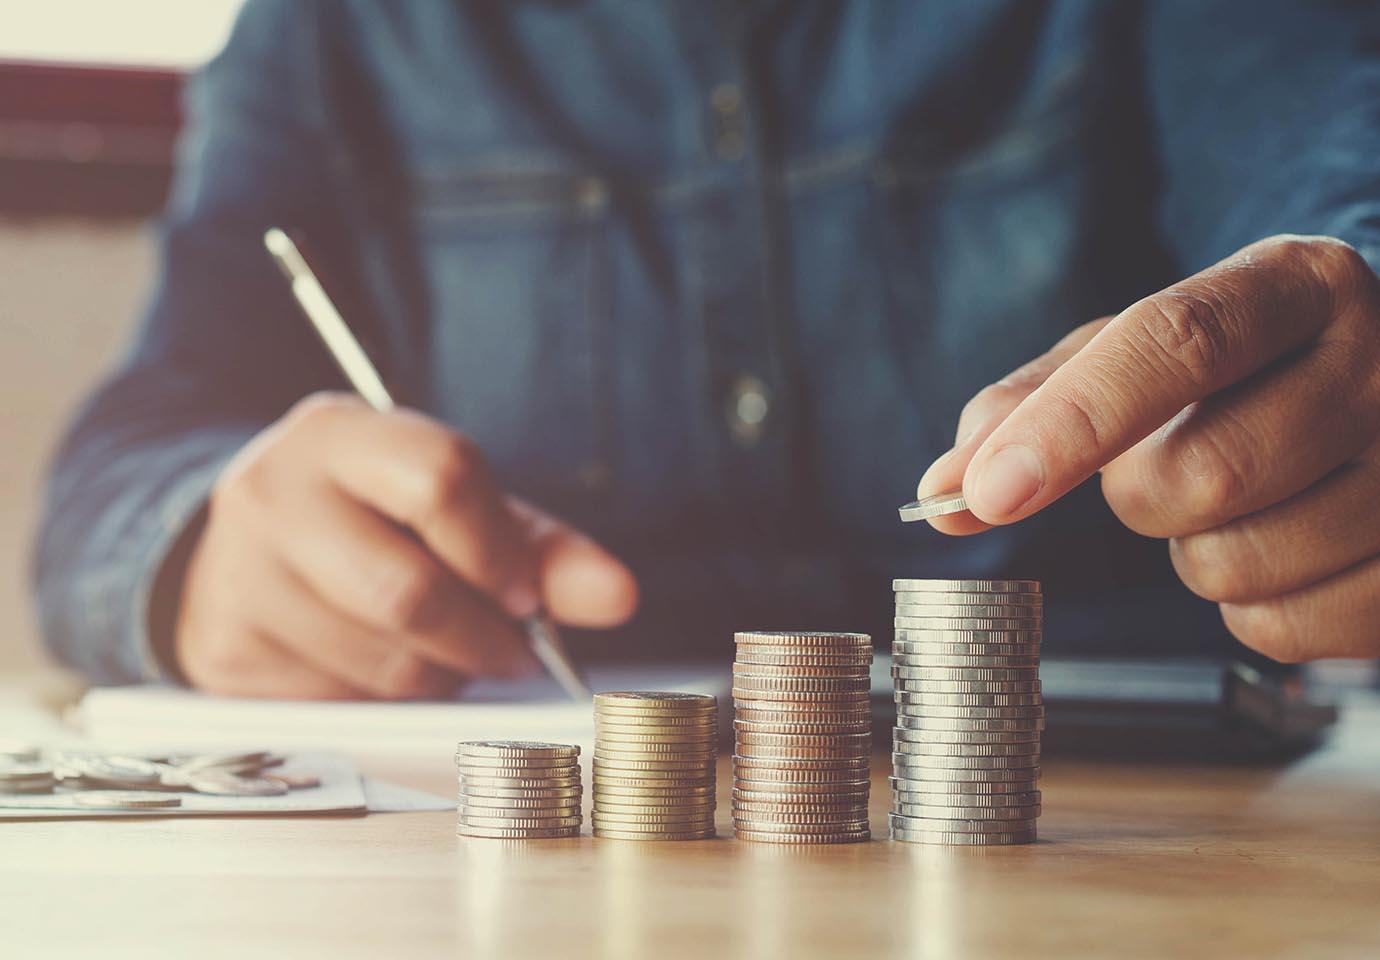 pagamento mínimo cartão de crédito